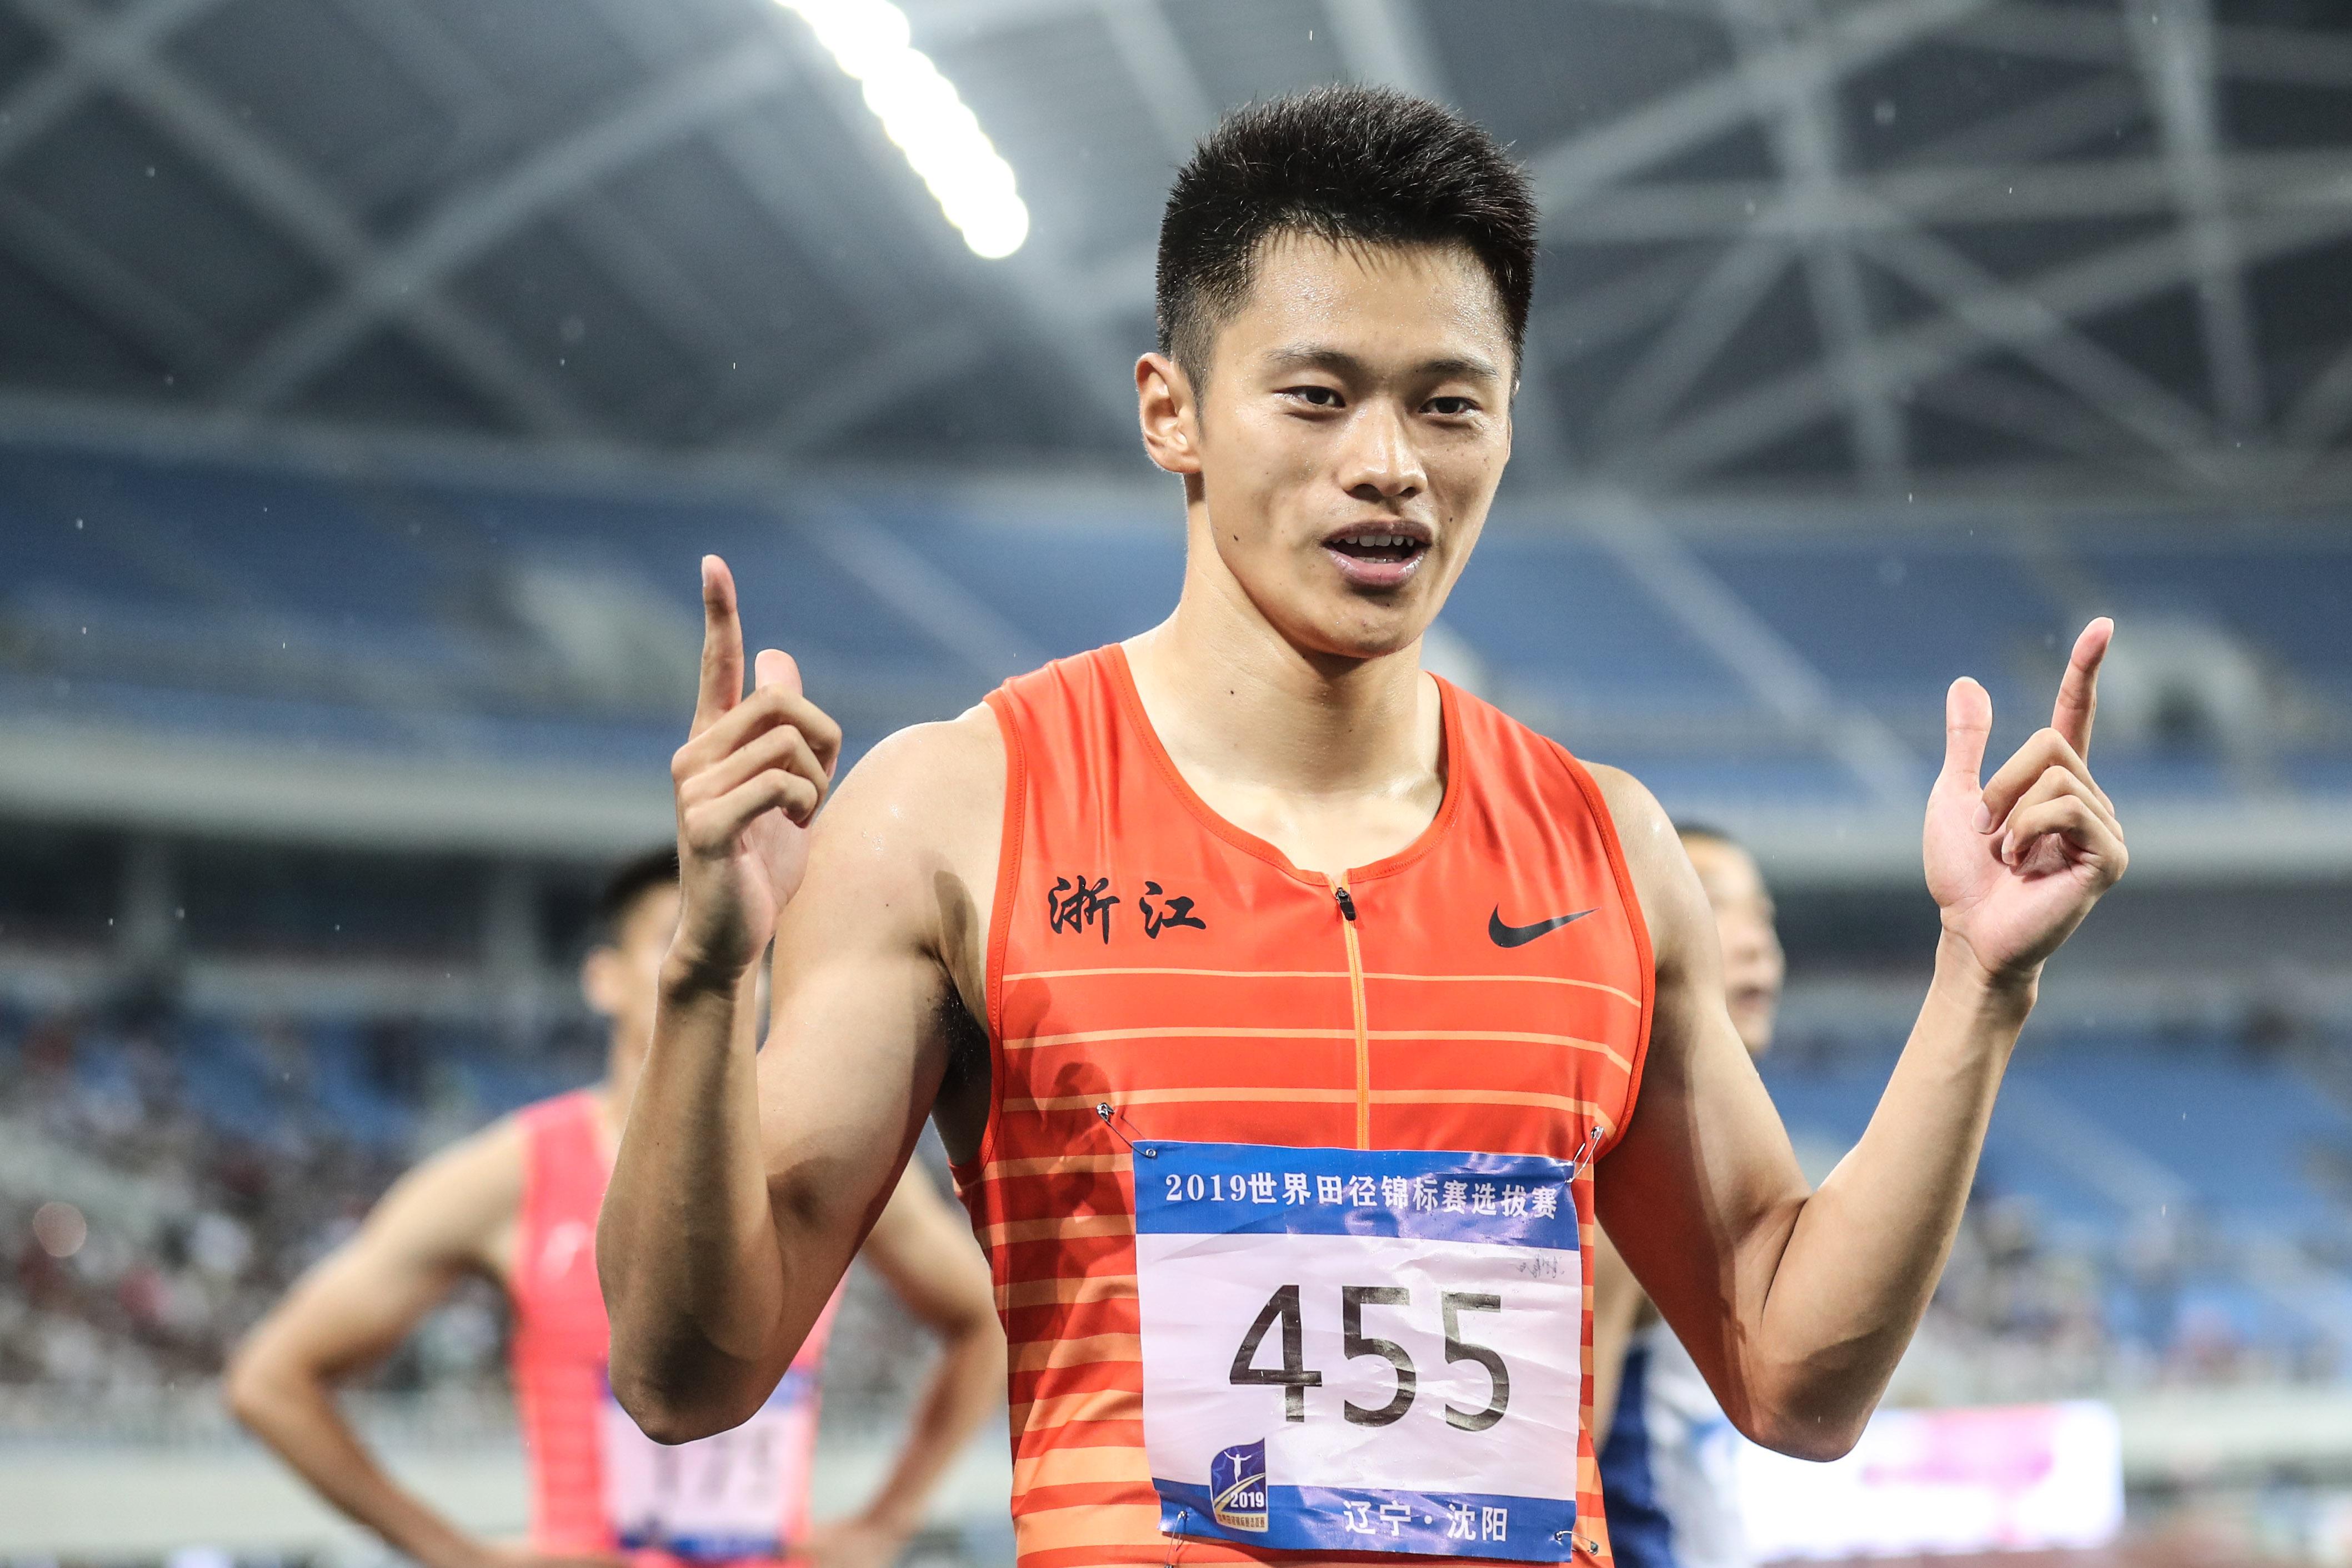 2019世界田径锦标赛选拔赛首日:吕会会再破亚洲纪录谢震业逆袭苏炳添